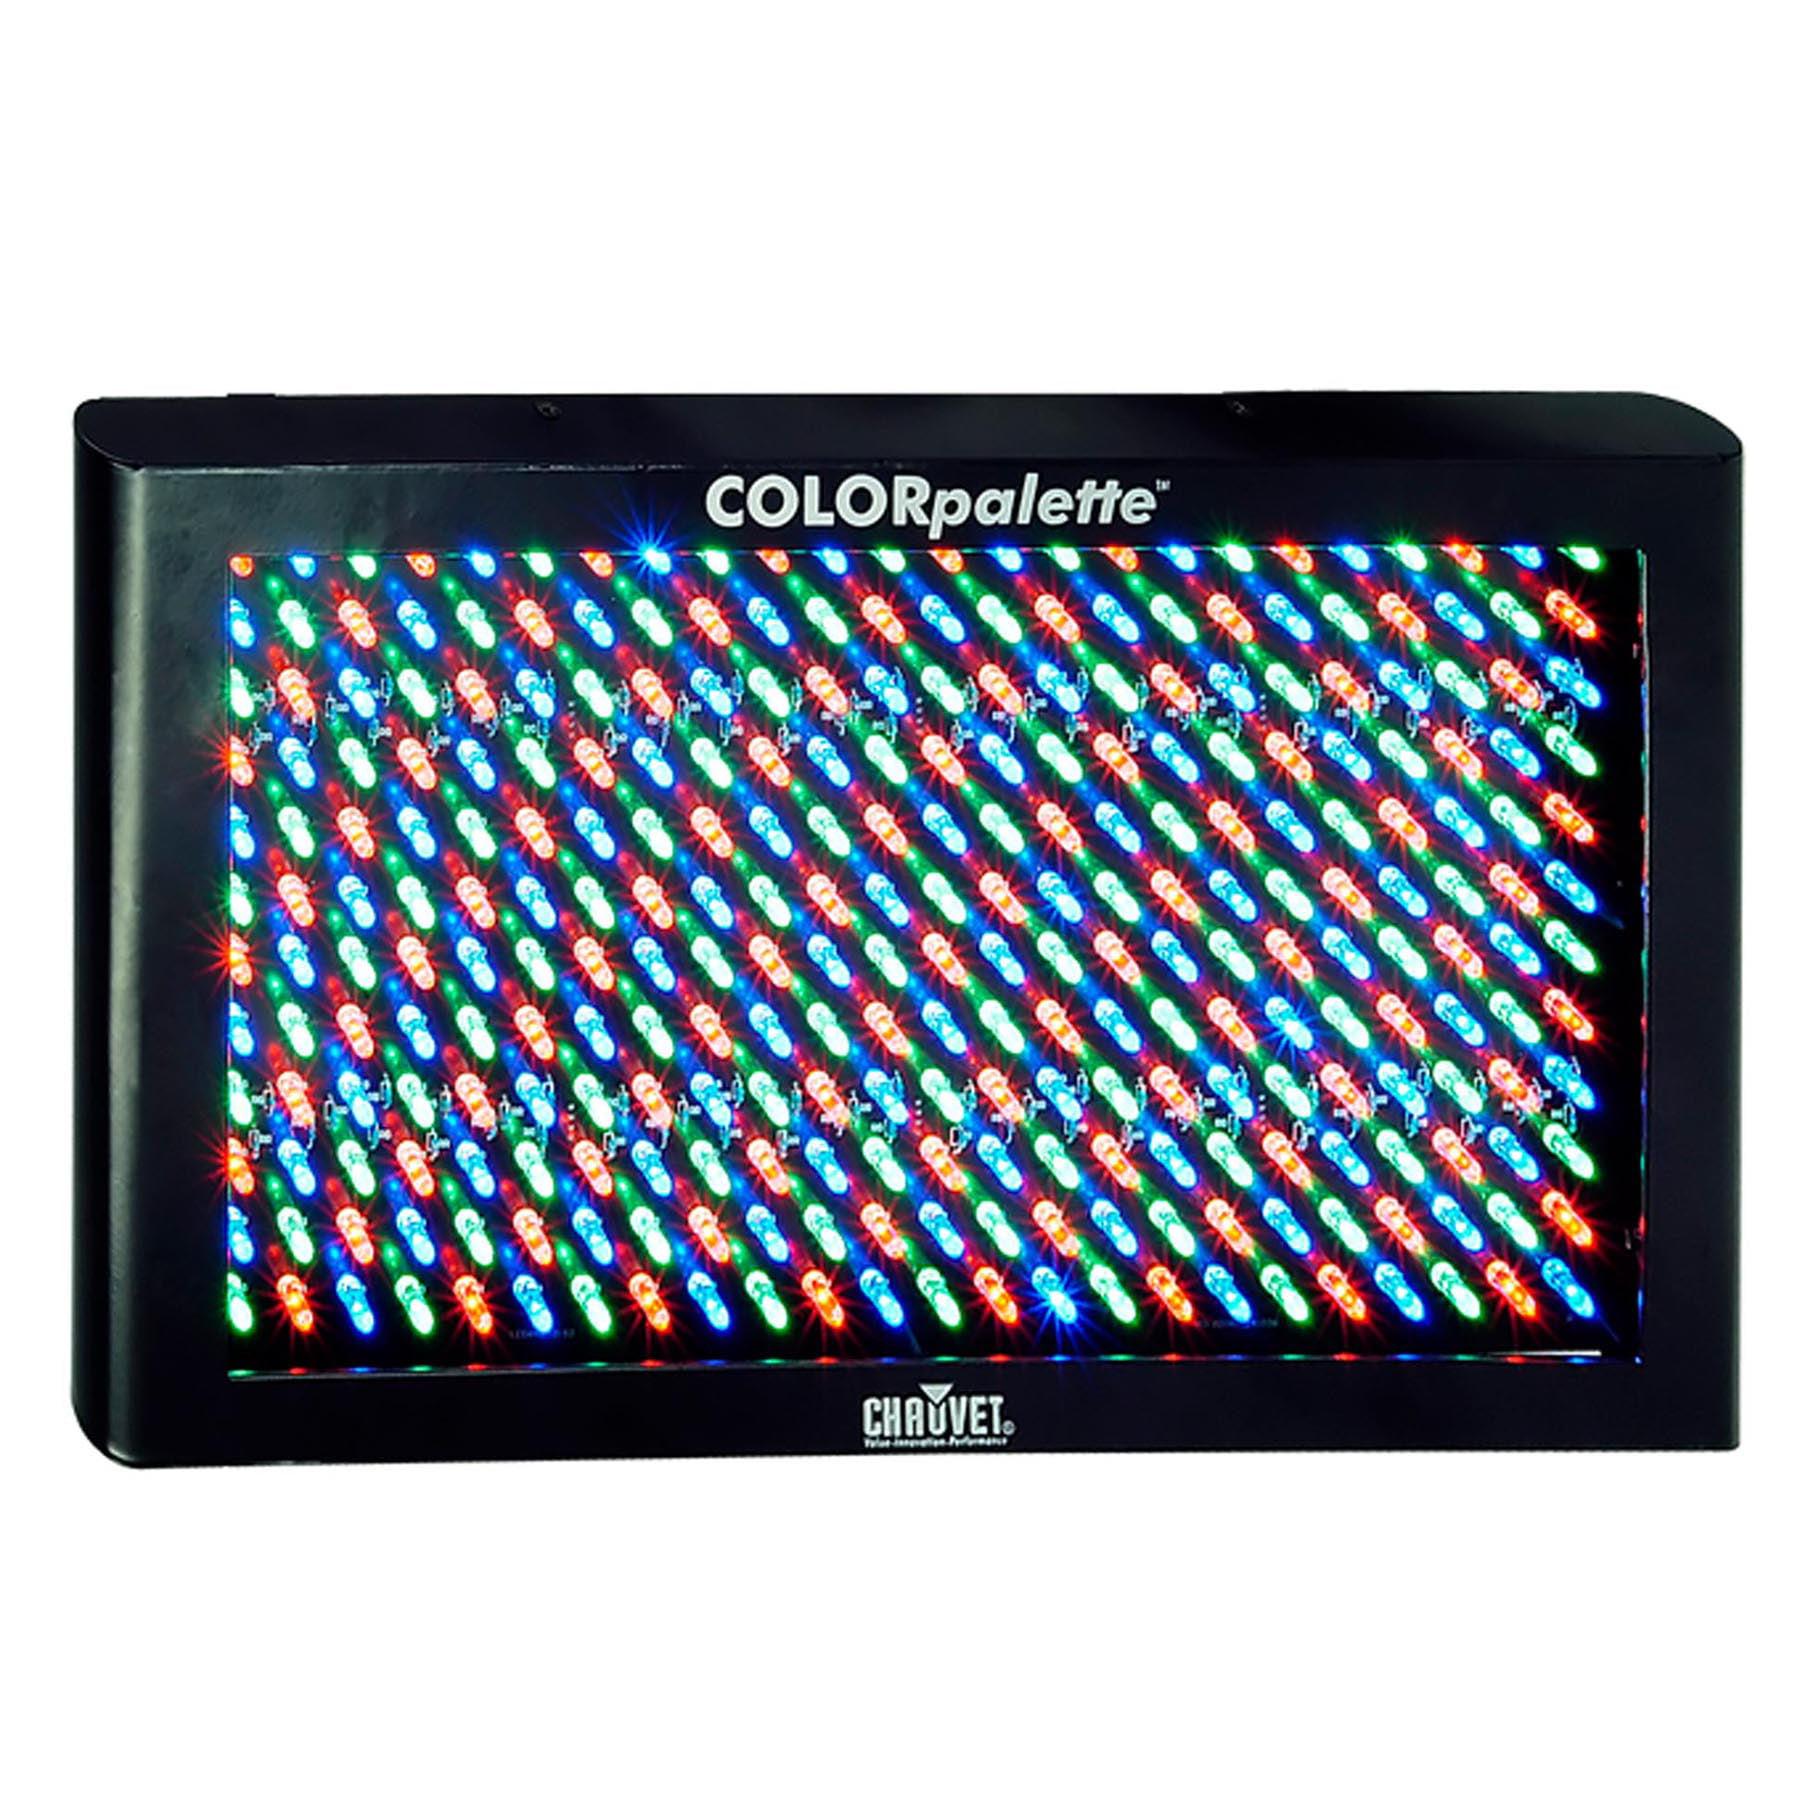 Chauvet DJ COLORpalette LED RGB 27 Channel DMX Wash/Colorful Panel Stage Light